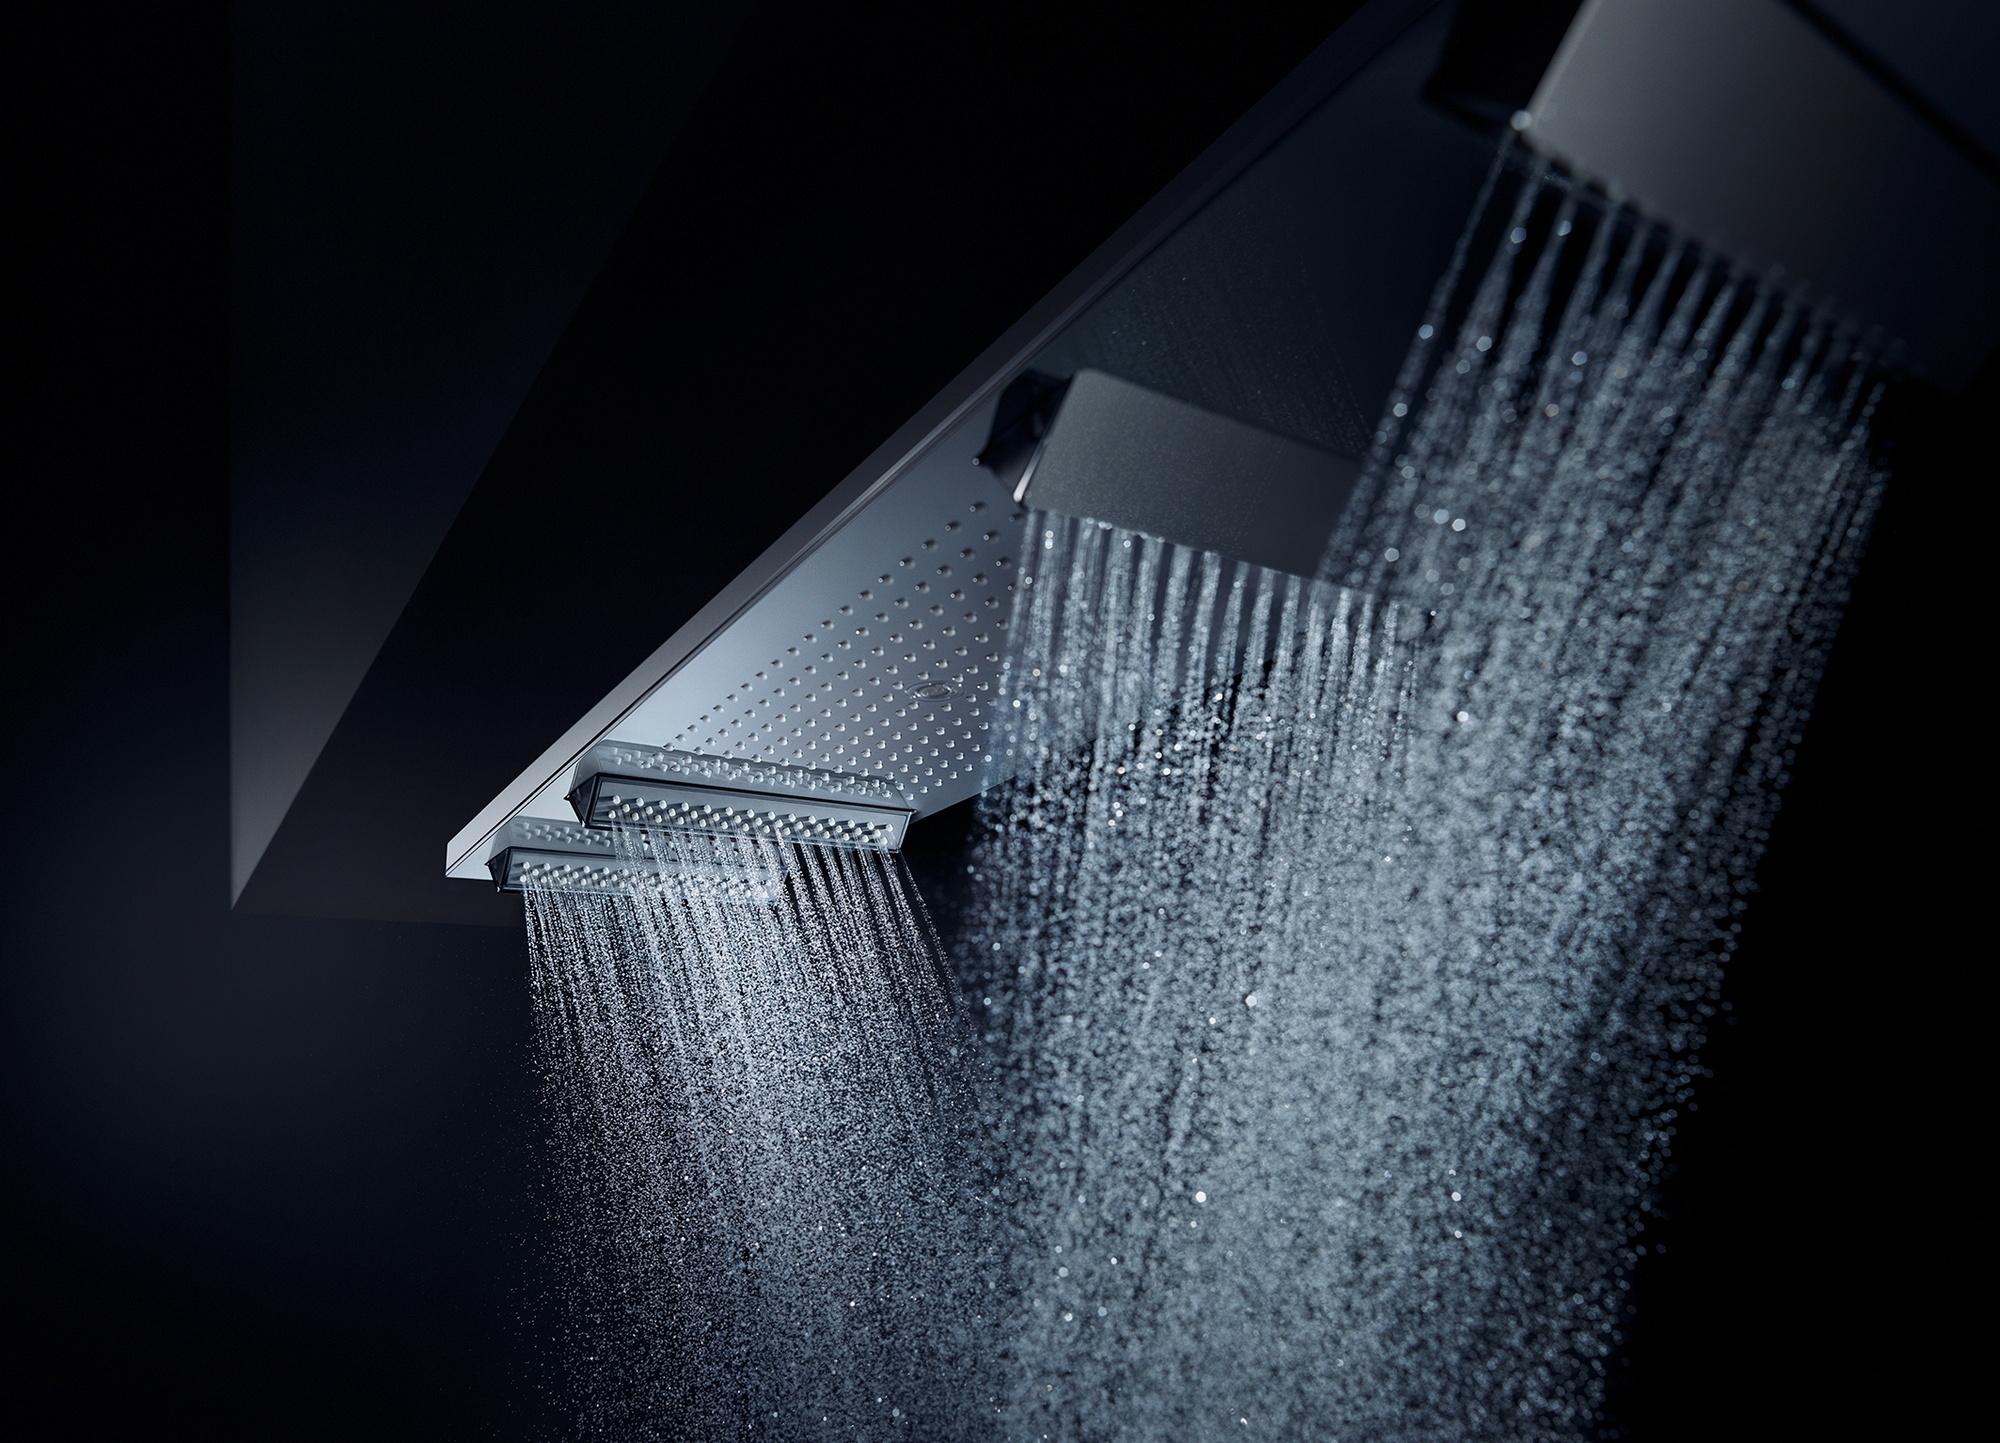 Badobjekte mit integriertem Licht zur eigenen Inszenierung sind laut Vereinigung Deutsche Sanitärwirtschaft (VDS) auf dem Vormarsch. Diese Deckenbrause schwebt wie schwerelos über dem Nutzer und umhüllt ihn mit feinsten Tropfen. Gleichzeitig übernimmt sie noch den Zweitjob als Lichtlieferant für die Duschzone. ©Vereinigung Deutsche Sanitärwirtschaft (VDS) / Axor / Hansgrohe SE